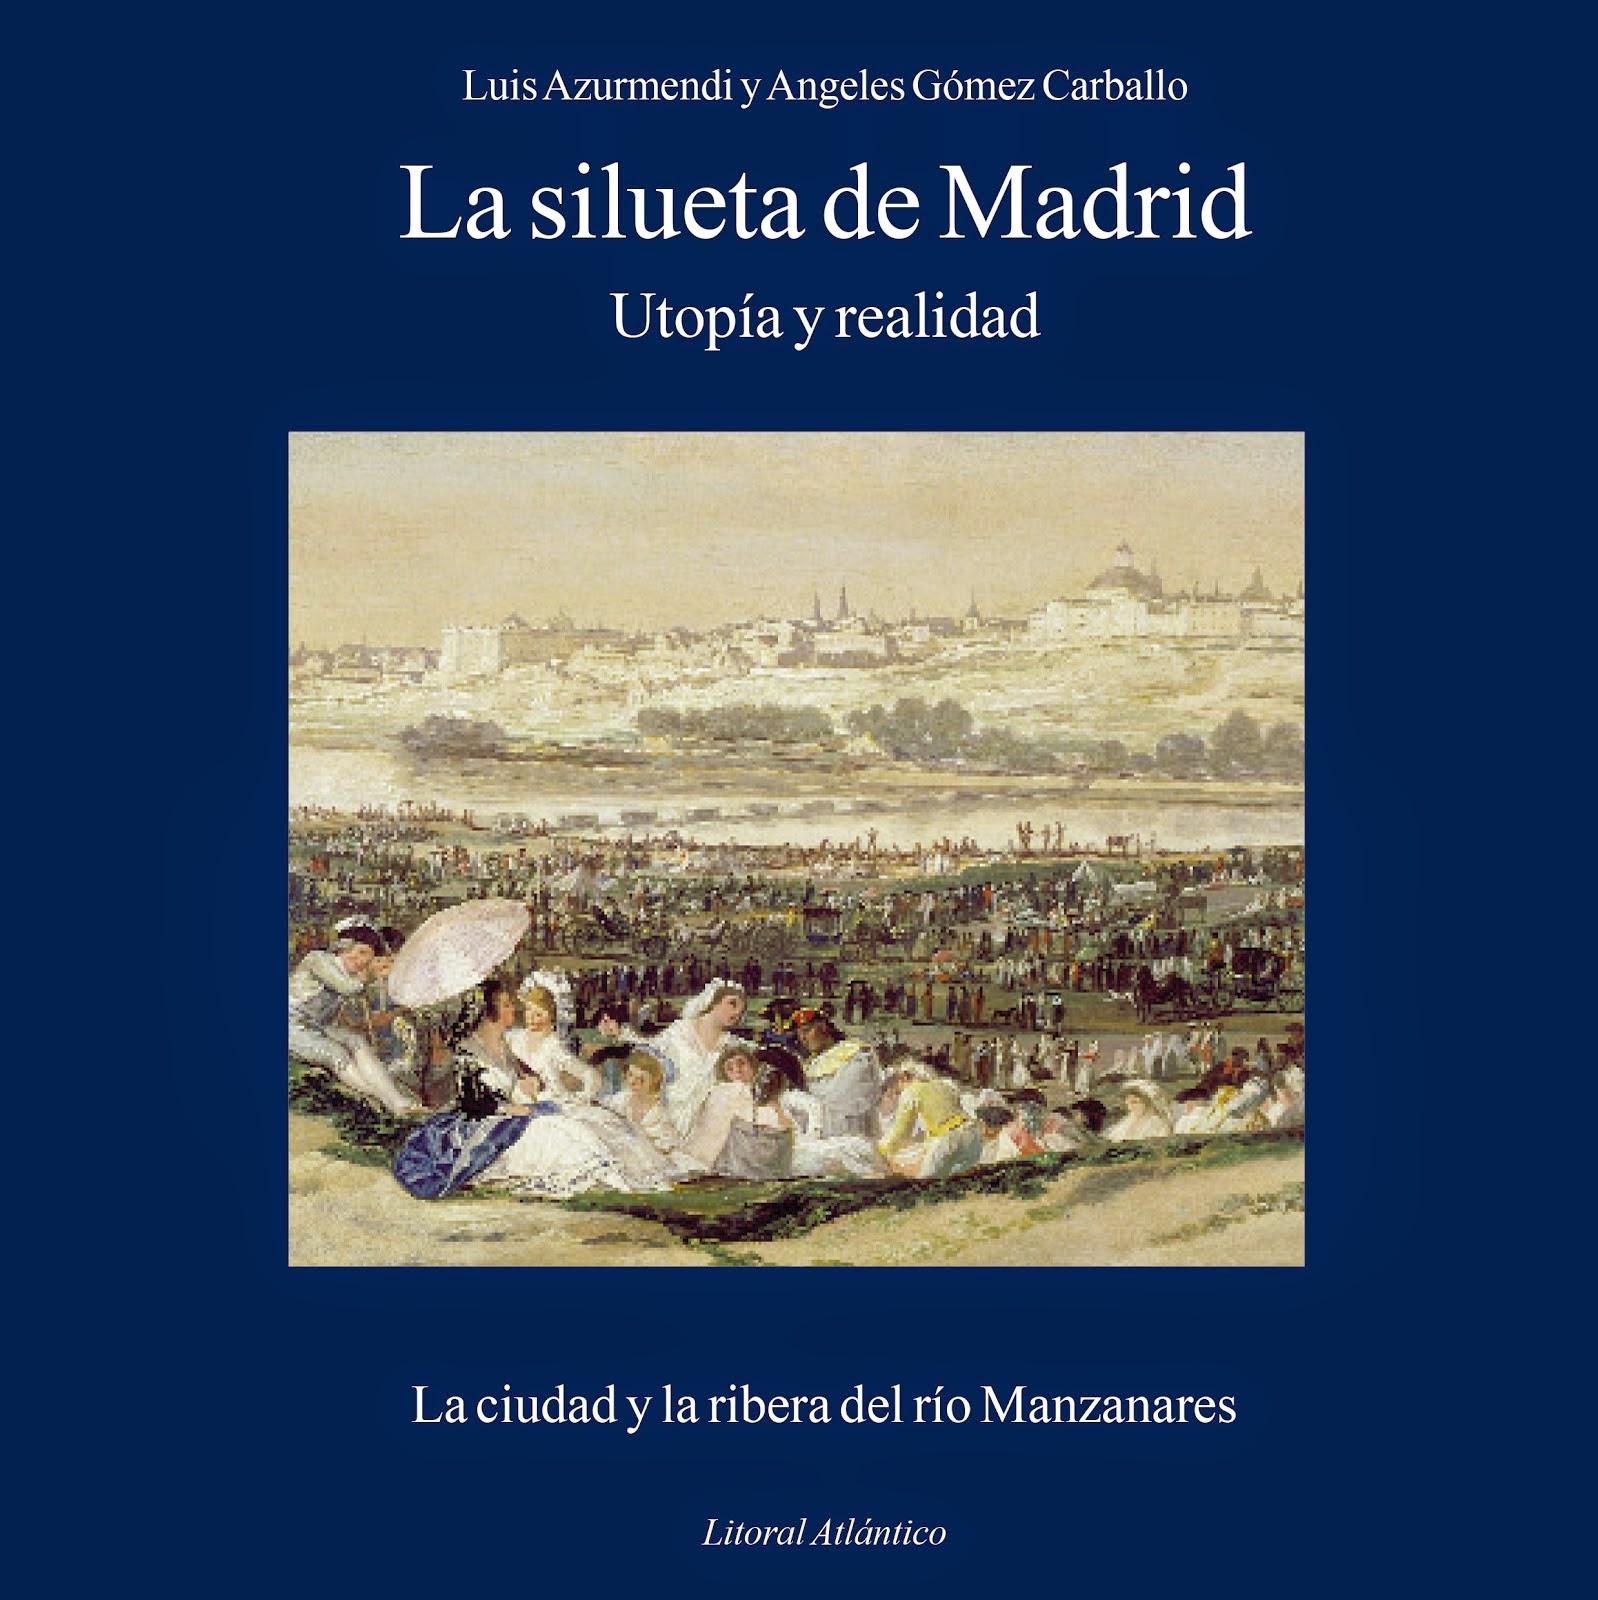 La silueta de Madrid